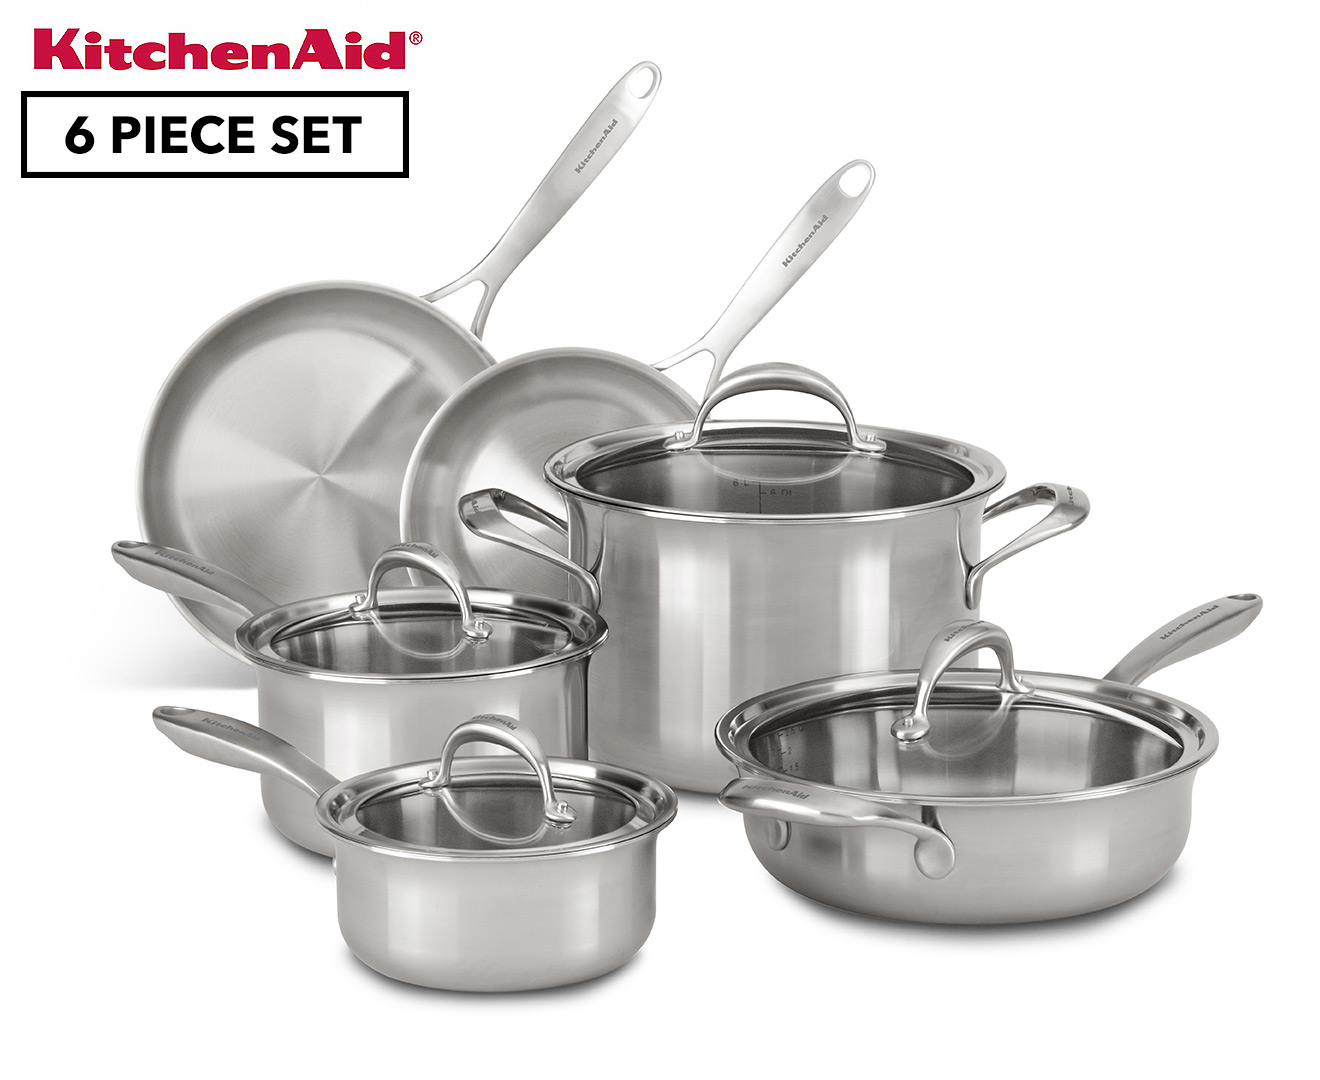 Kitchenaid copper core cookware 6 piece set silver for Kitchen set 008 58